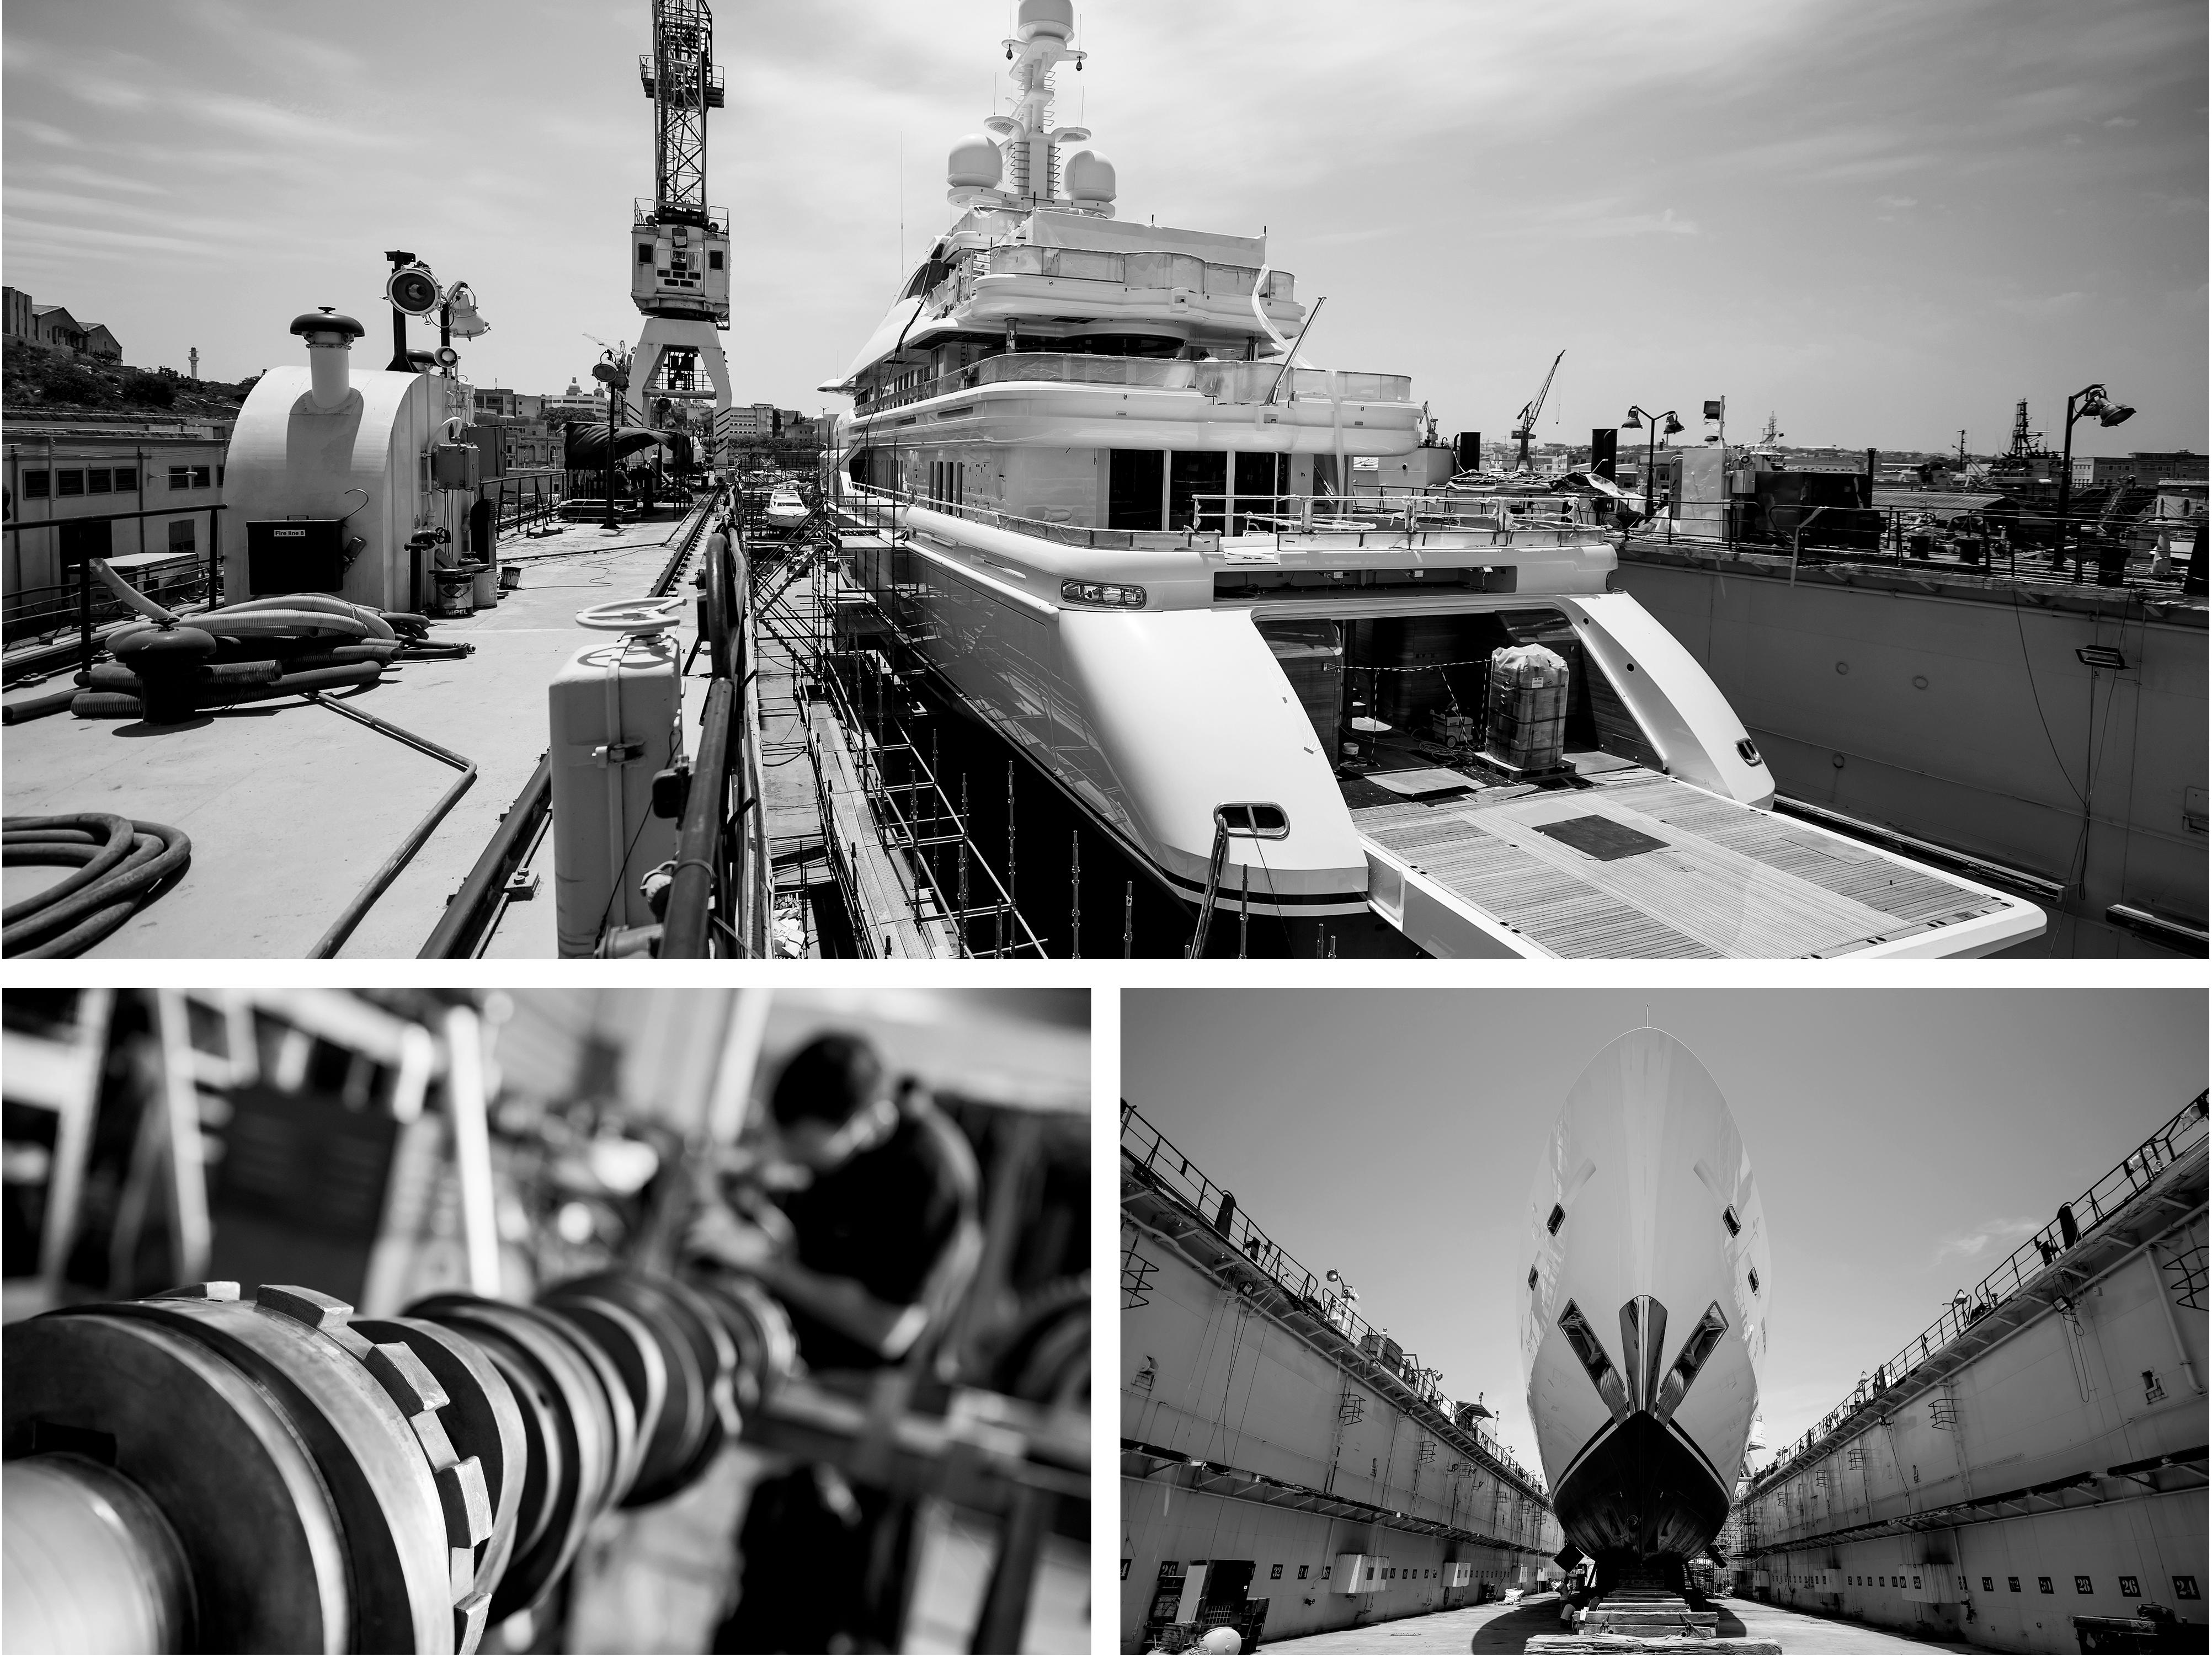 Melita Marine images